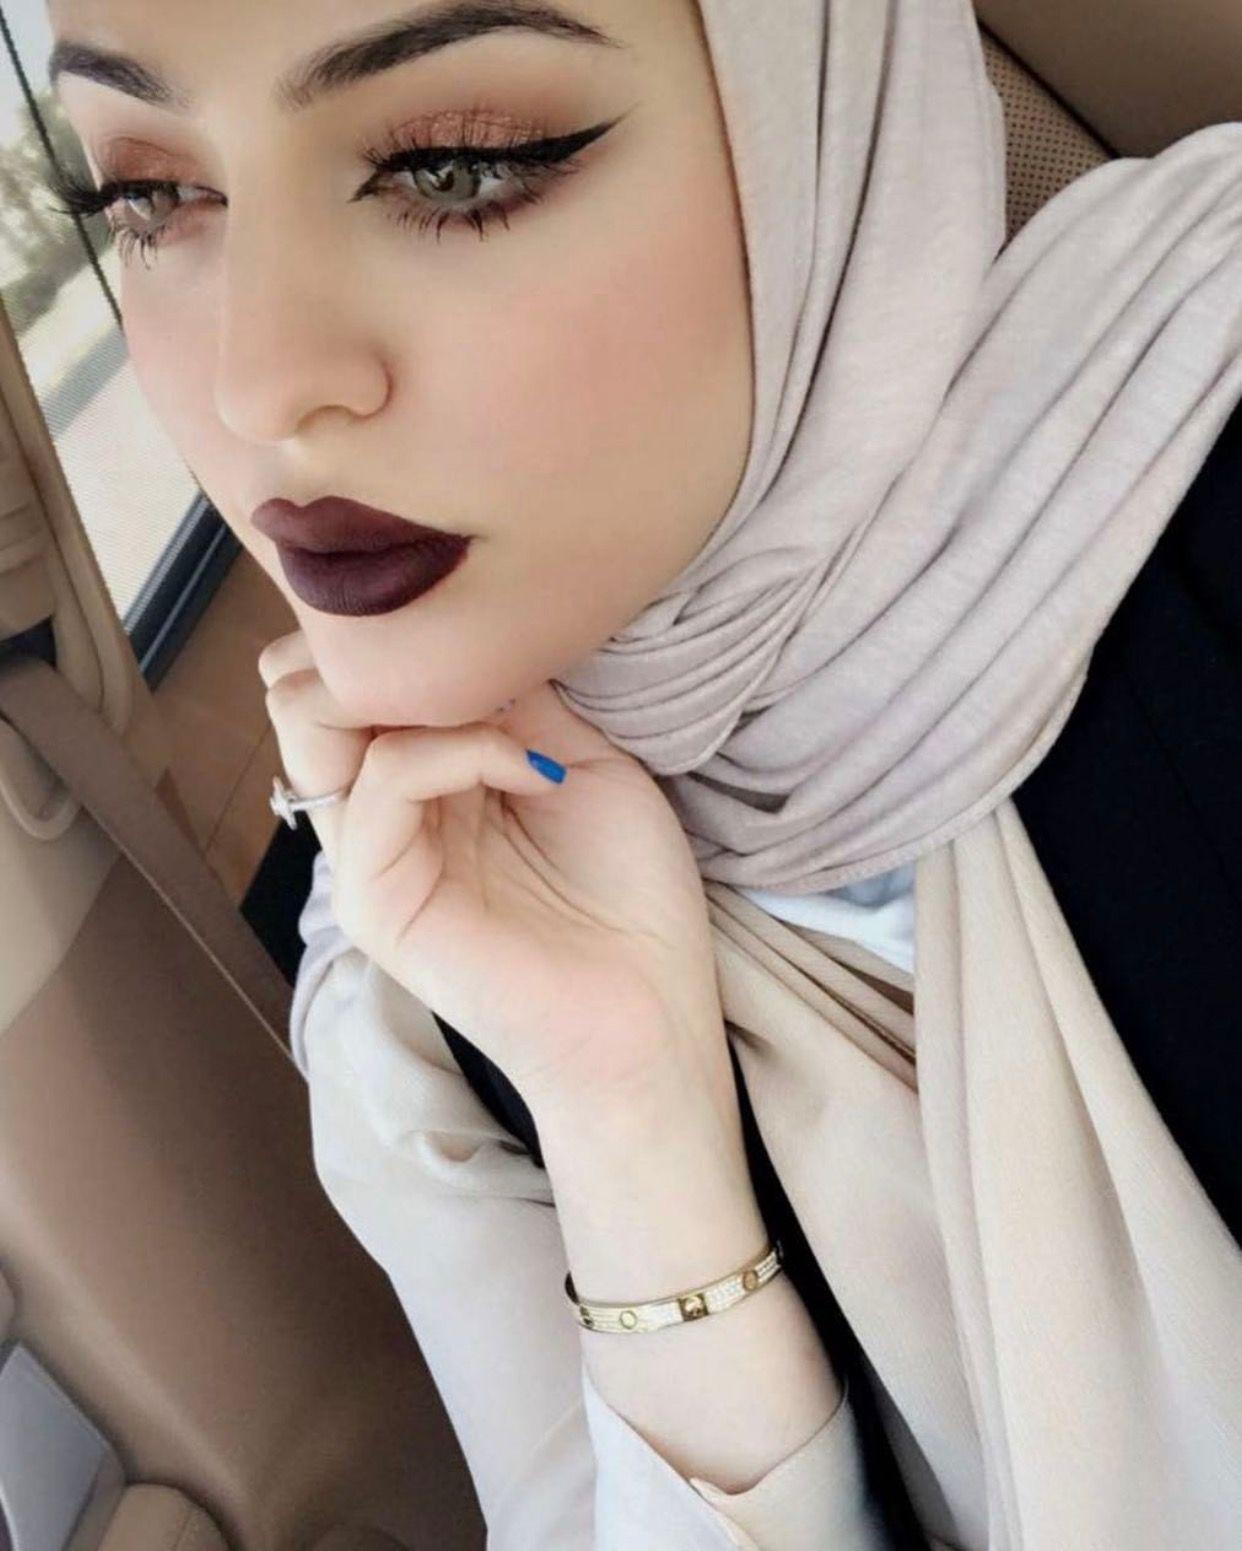 احلى صور بنات محجبات رمزيات رائعه لفتيات بالحجاب احلا كلام